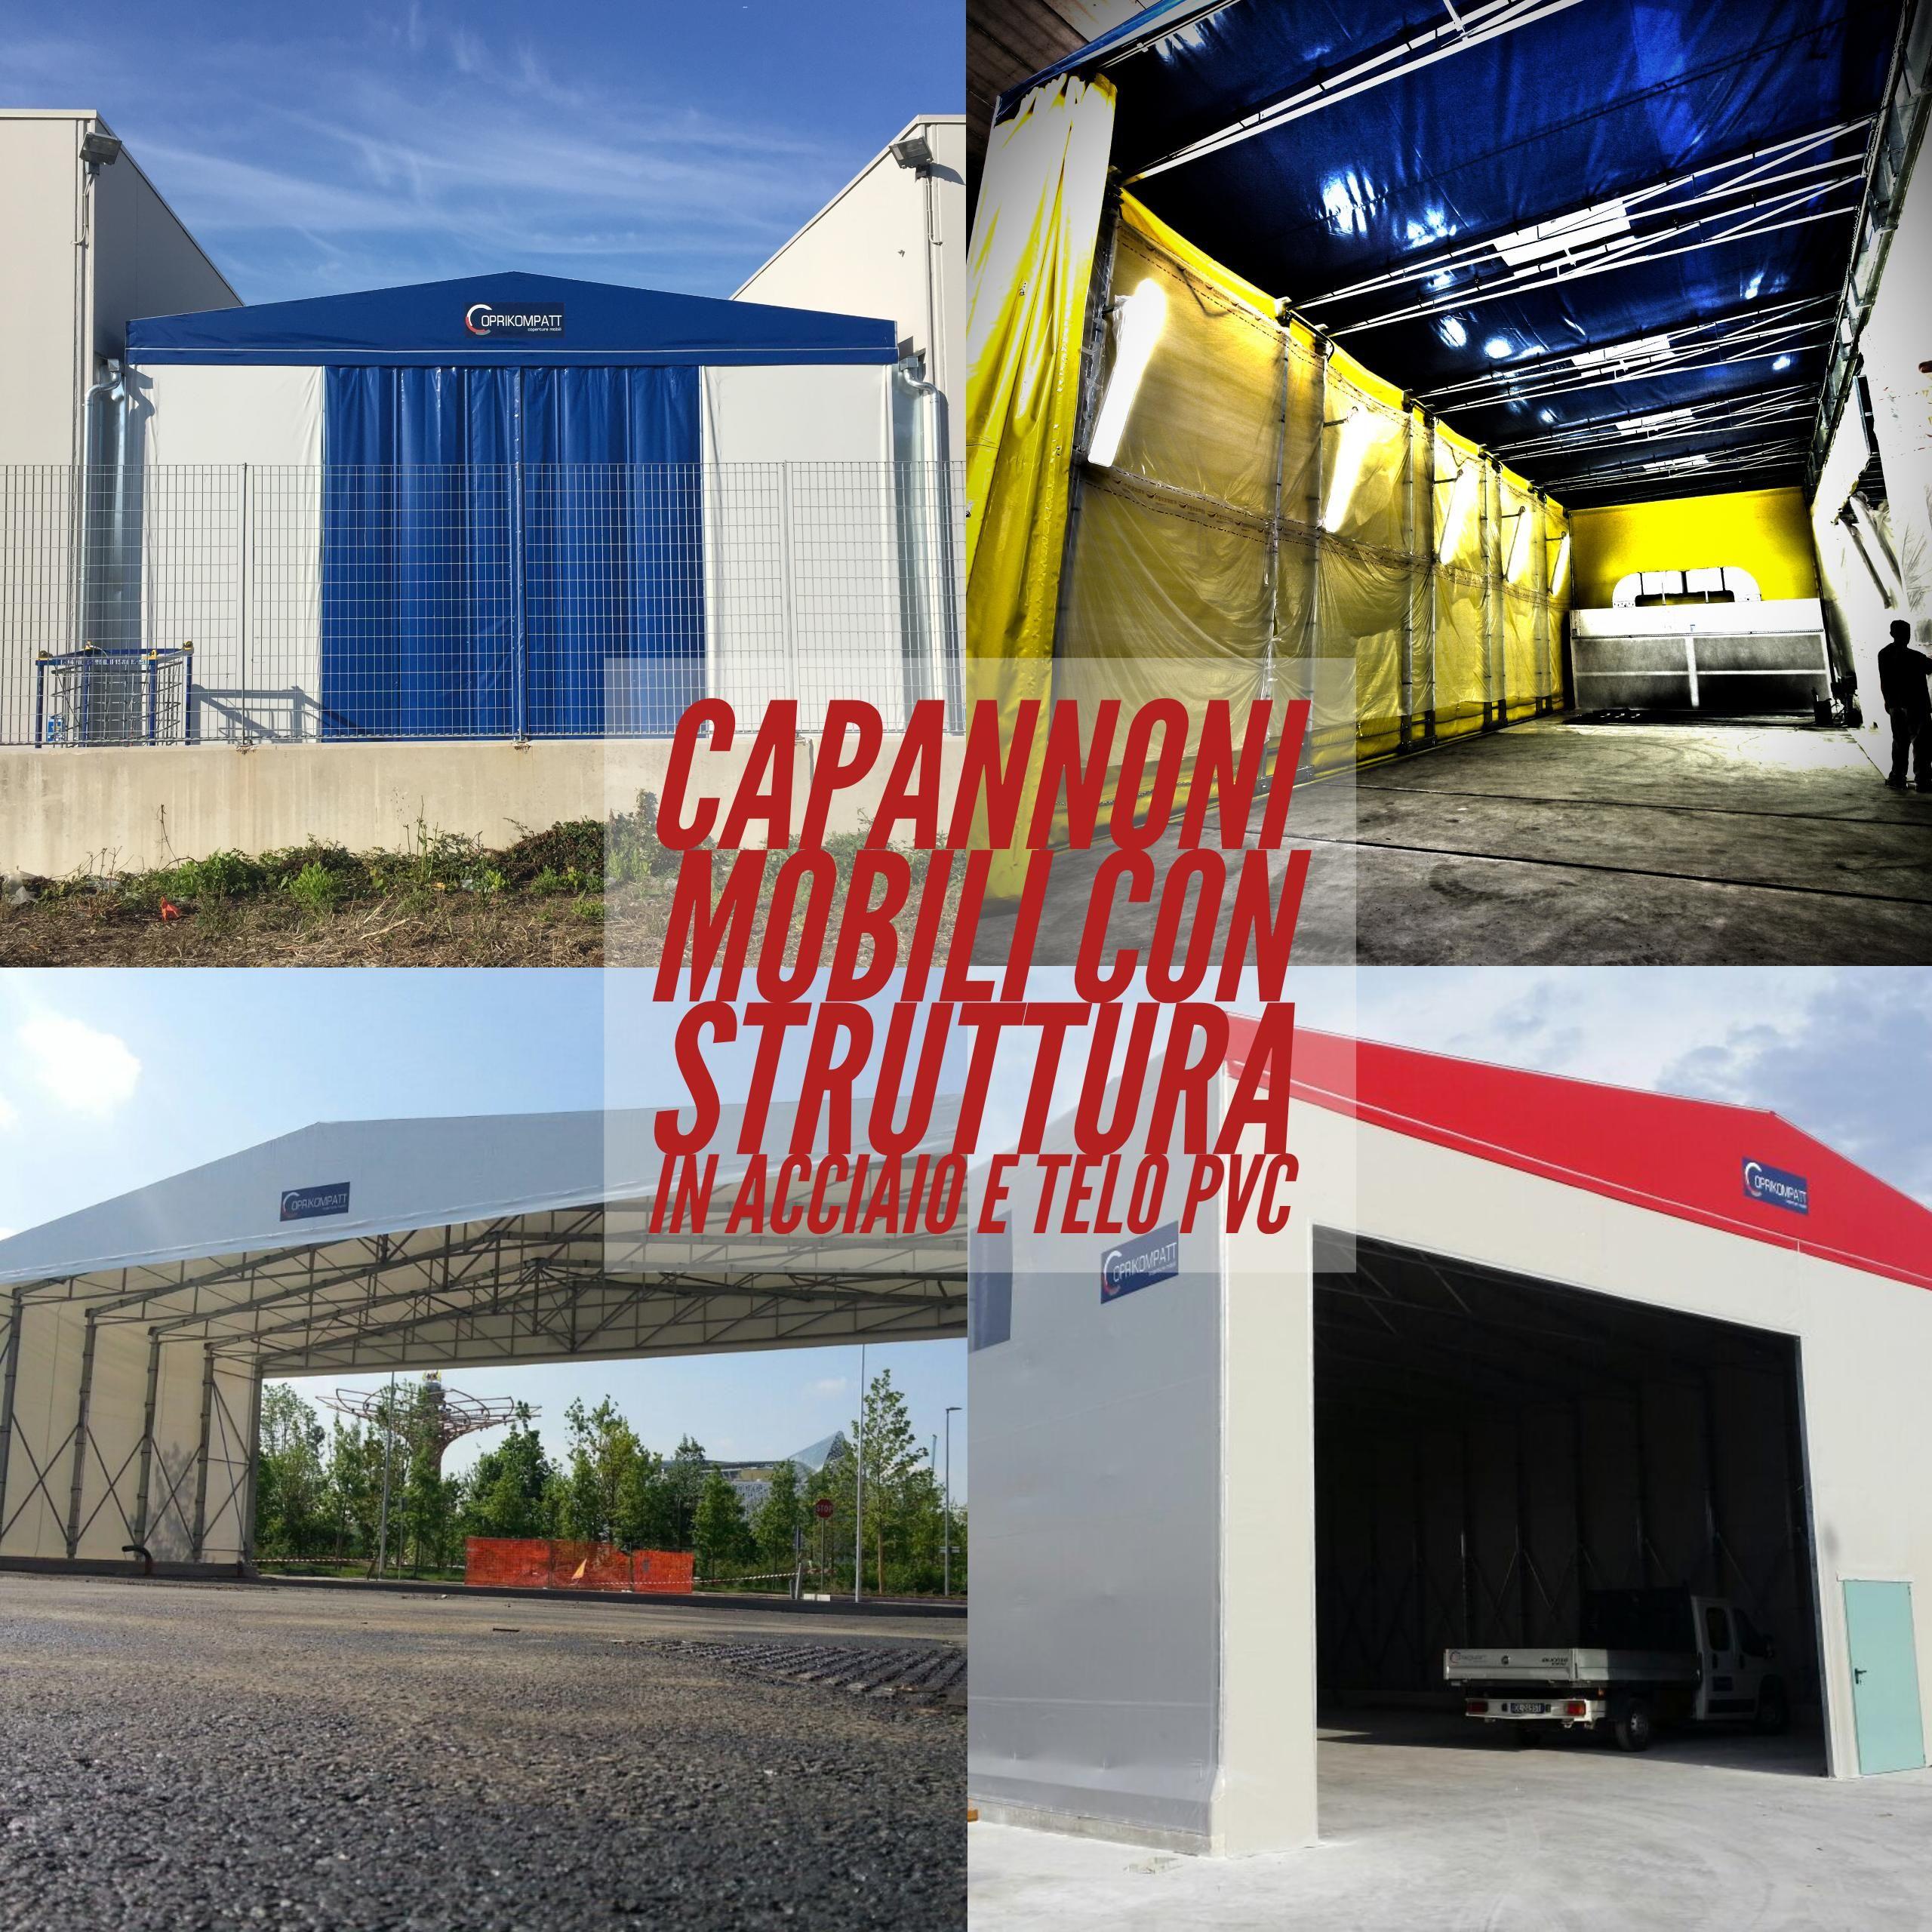 CONTATTACI per un preventivo GRATUITO su coperture mobili e capannoni. https://www.coprikompatt.com/coperture-mobili/index.php